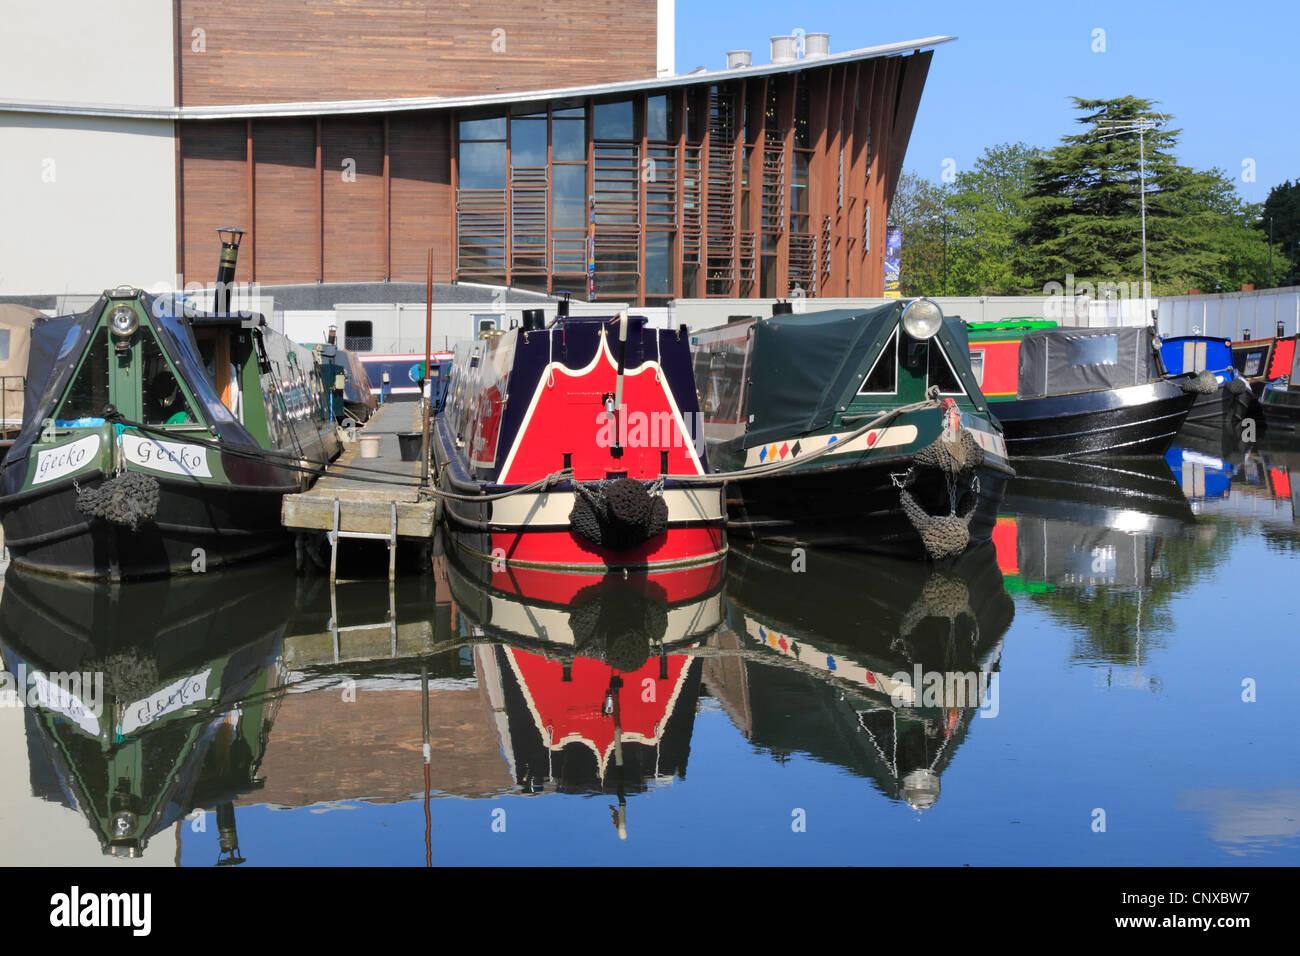 England Buckinghamshire Aylesbury Waterside theatre & Canal - Stock Image